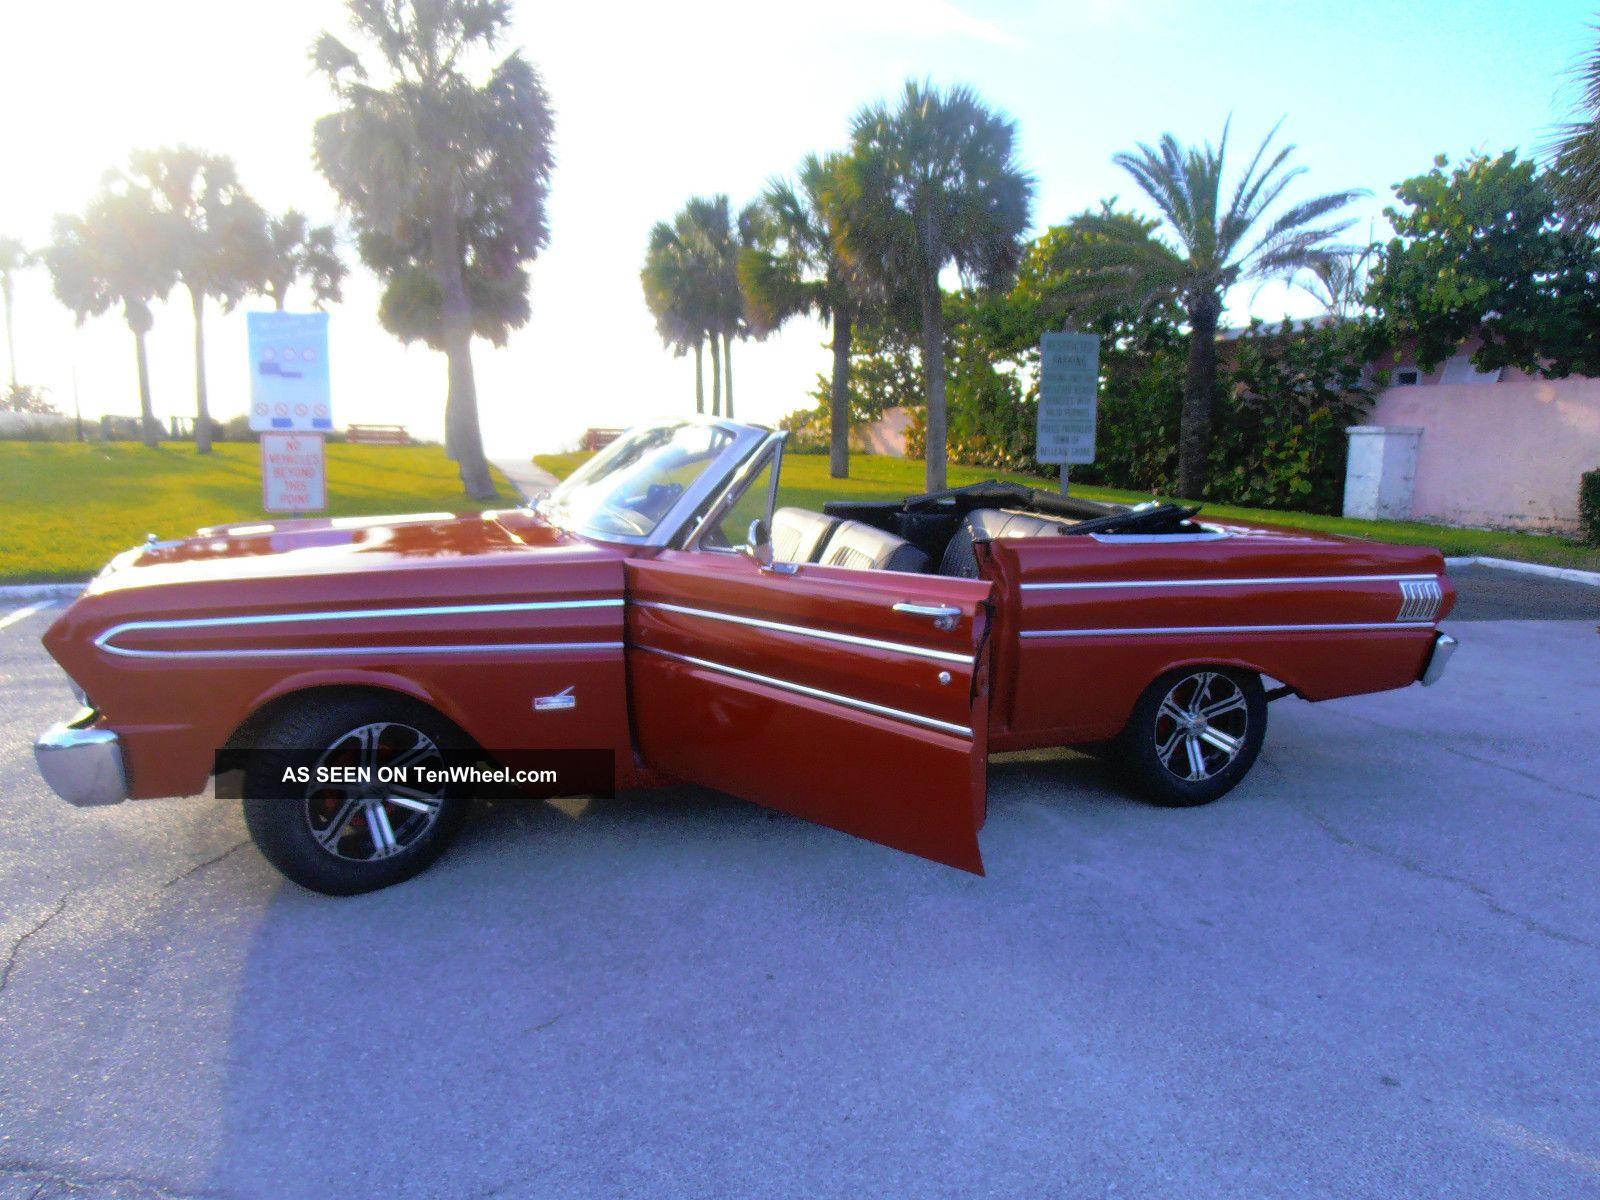 1964 Ford Falcon Futura Convertible